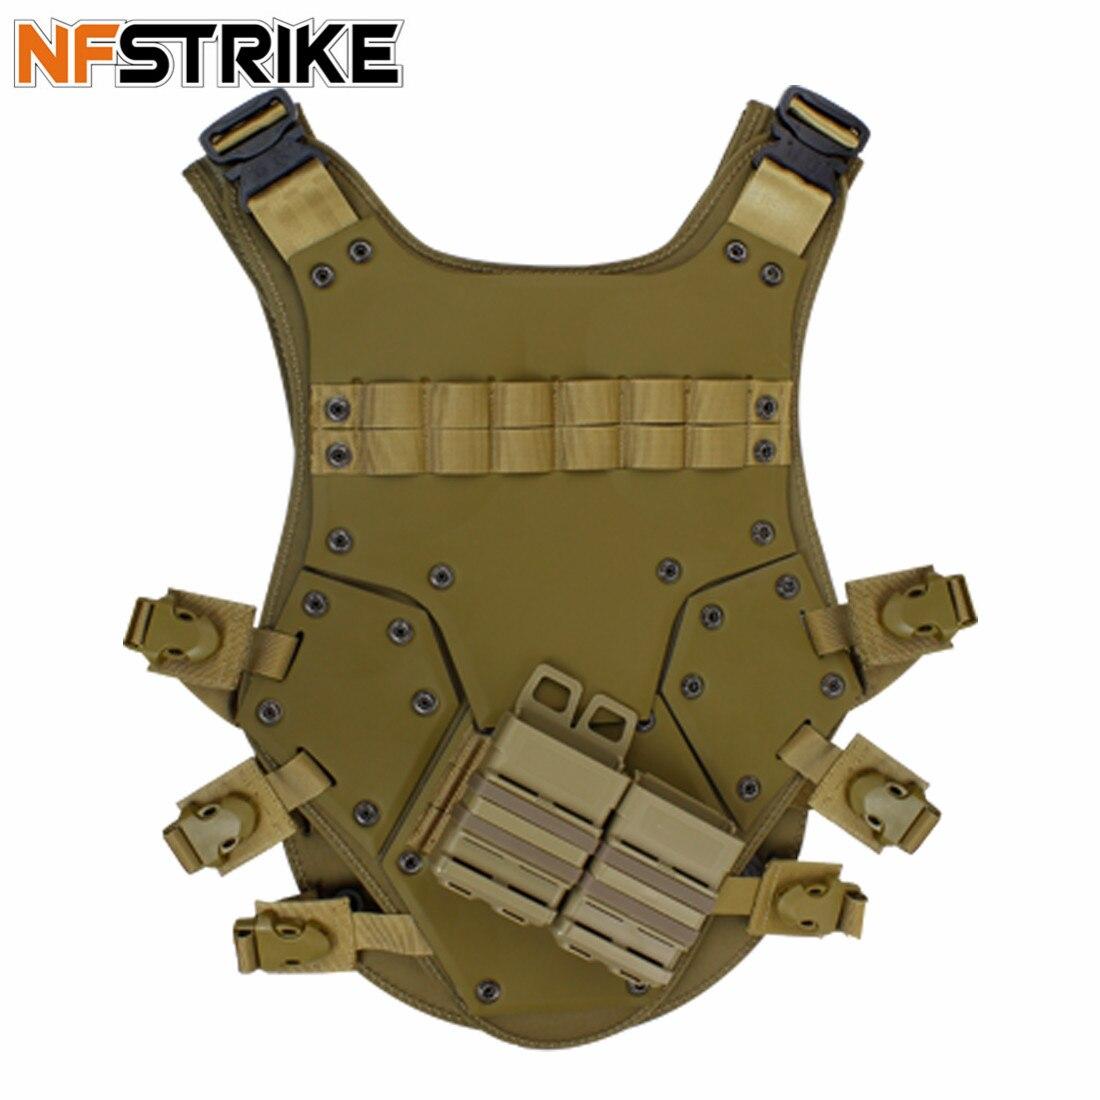 NFSTRIKE Nieuwe Nest Kracht TF3 Kong Kim Tactica onderdelen voor Airsoft voor Nerf Spel Cosplay Outdoor Jacht Activiteiten Drop Shipping-in Speelgoedpistolen van Speelgoed & Hobbies op  Groep 1